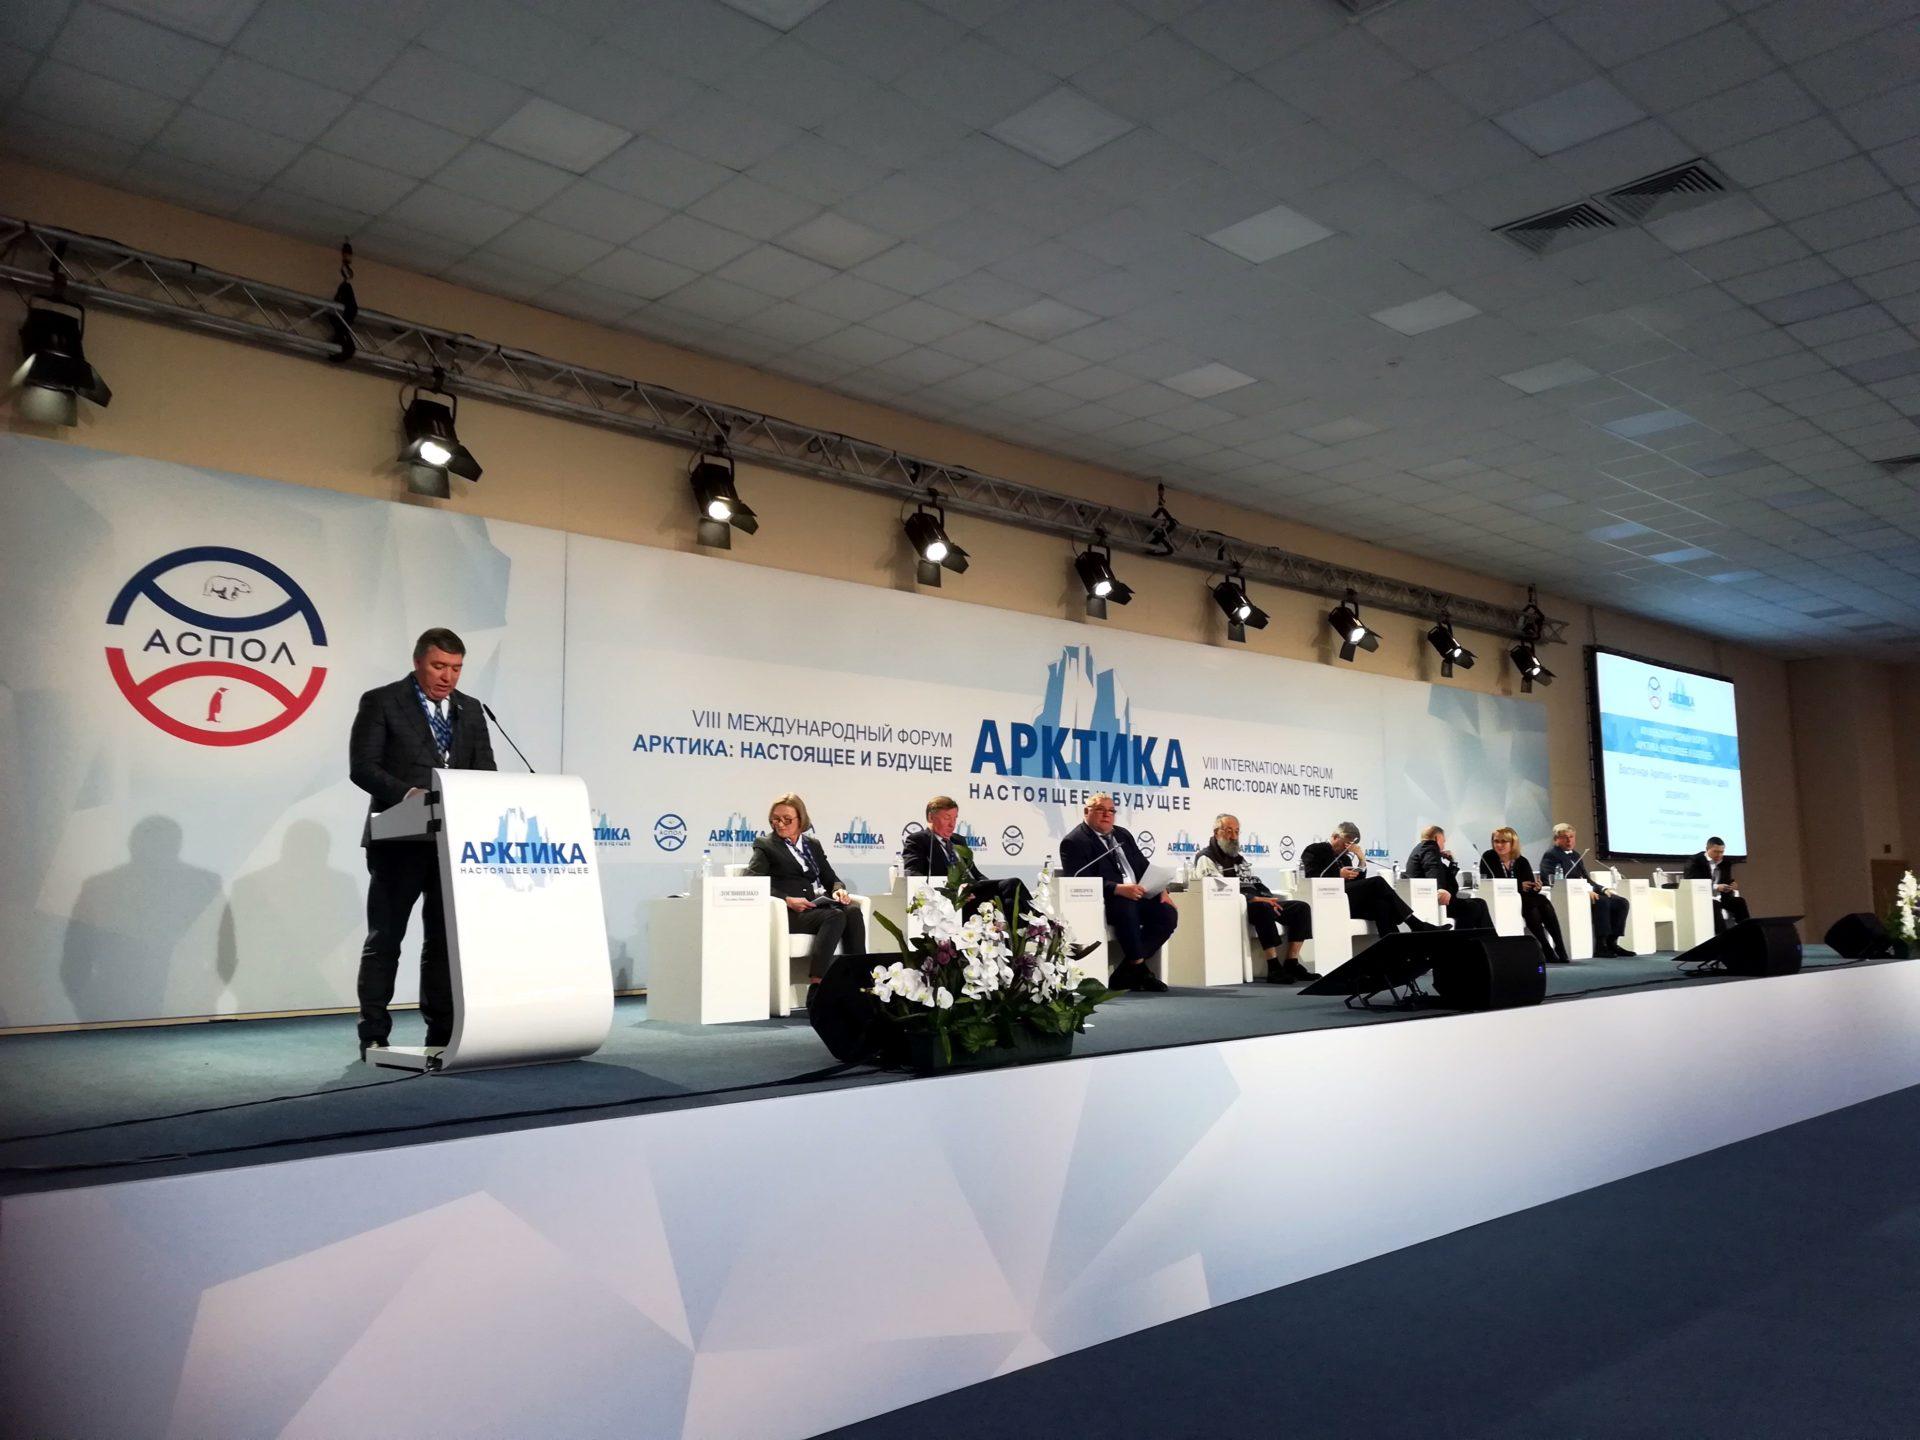 Международный форум «Арктика: настоящее и будущее»: Денис Белозеров поднял вопросы реконструкции морских портов Тикси и Зеленый Мыс